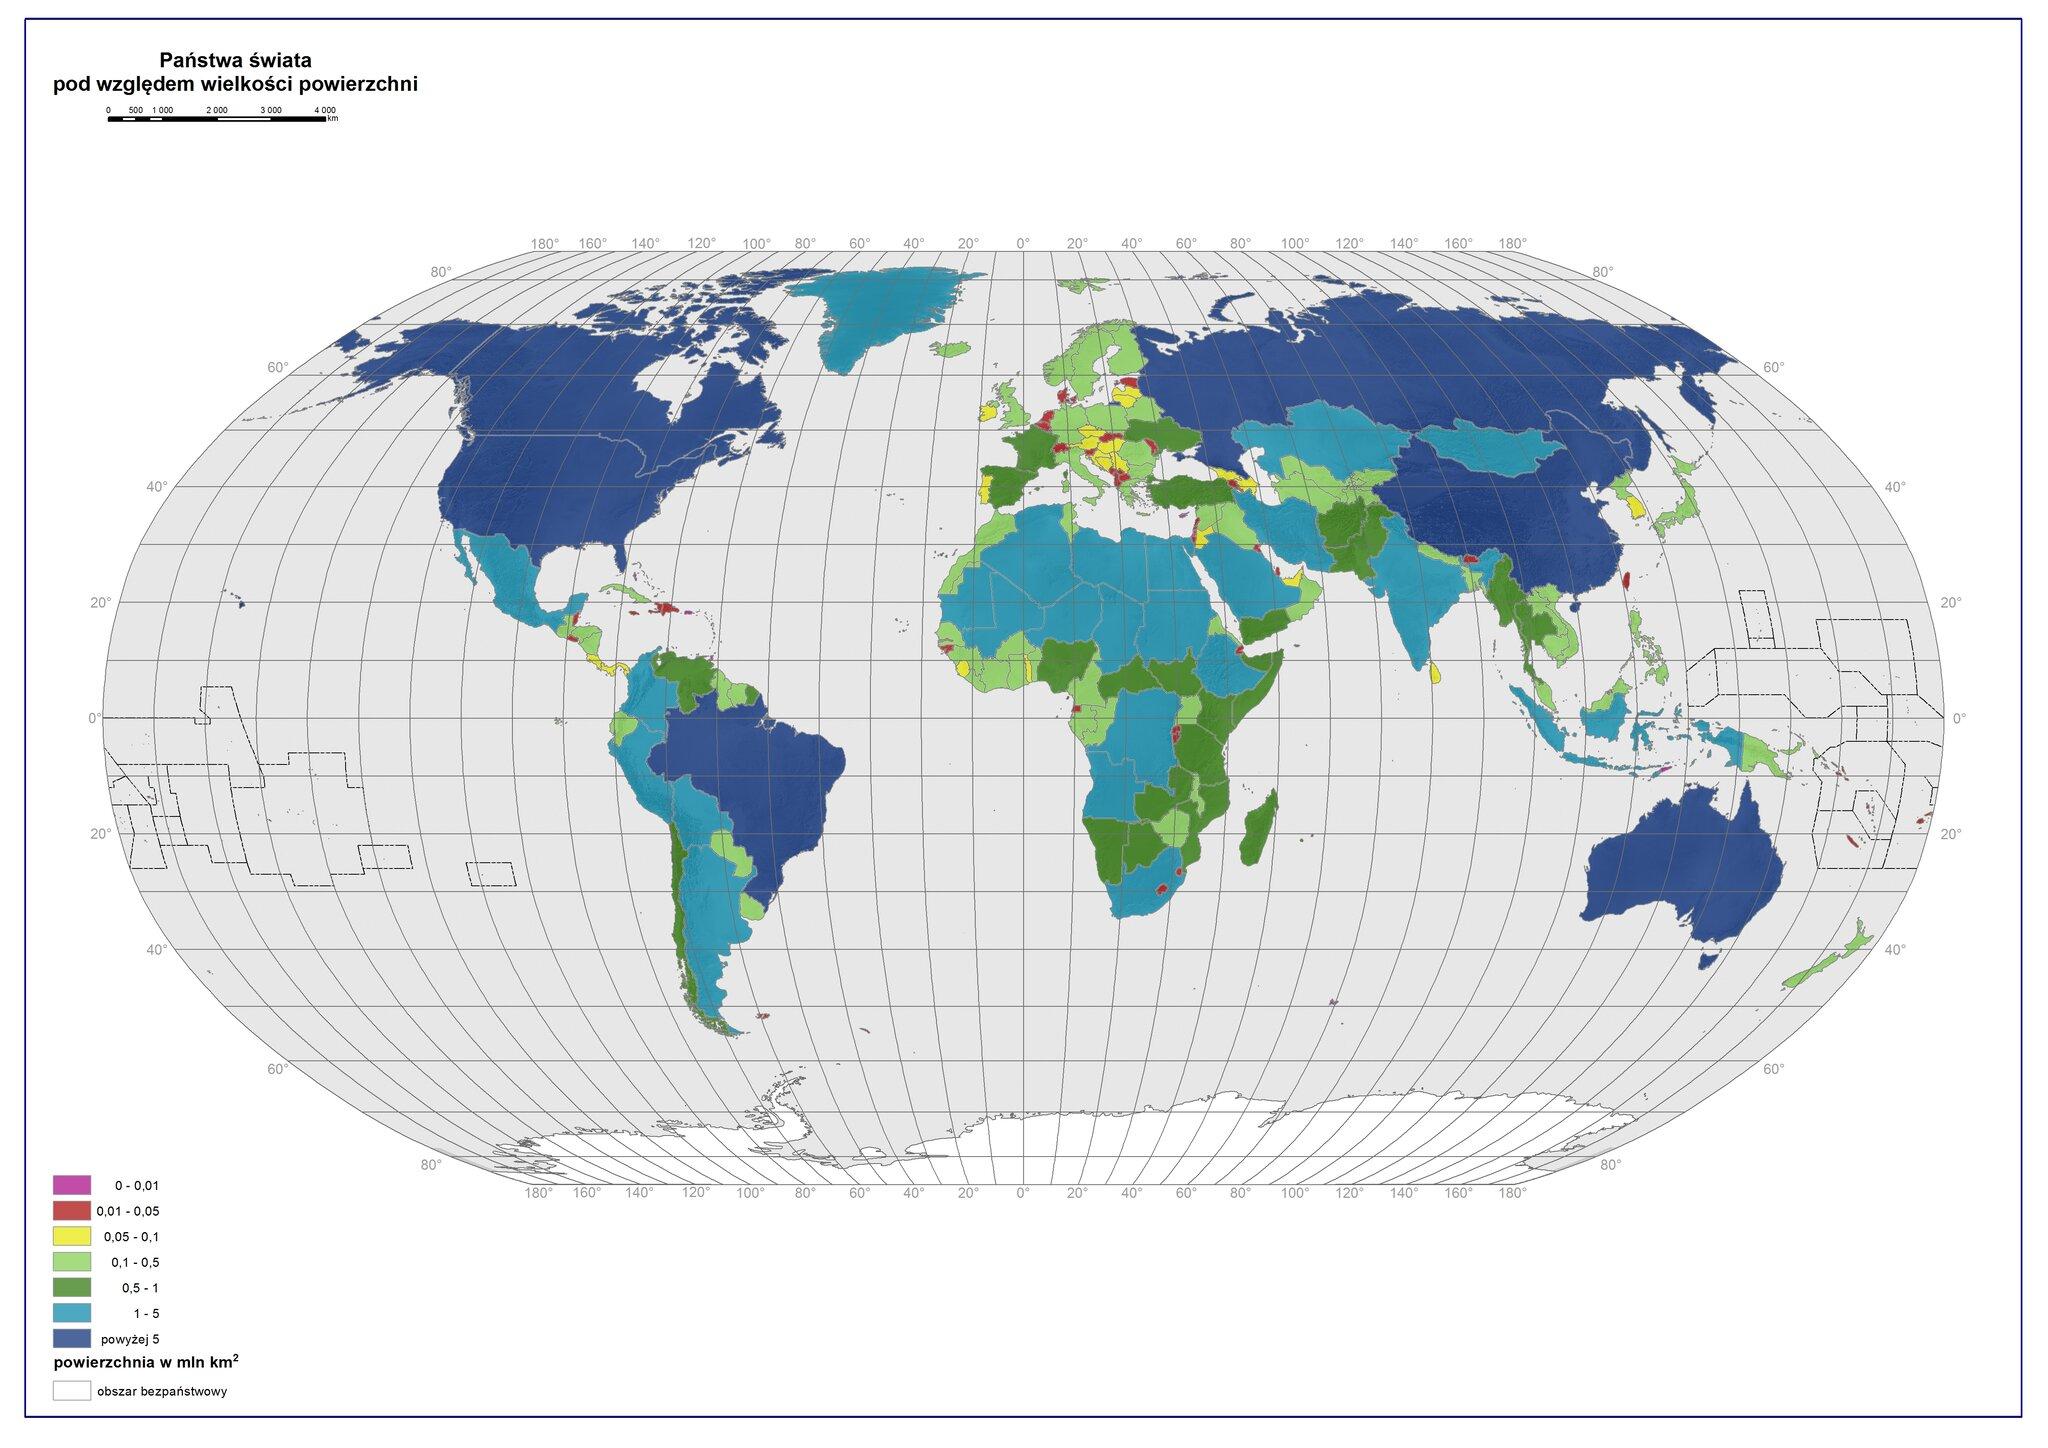 Państwa świata podwzględem wielkości powierzchni,źródło Eduexpert Sp. zo.o., CC BY-SA 3.0